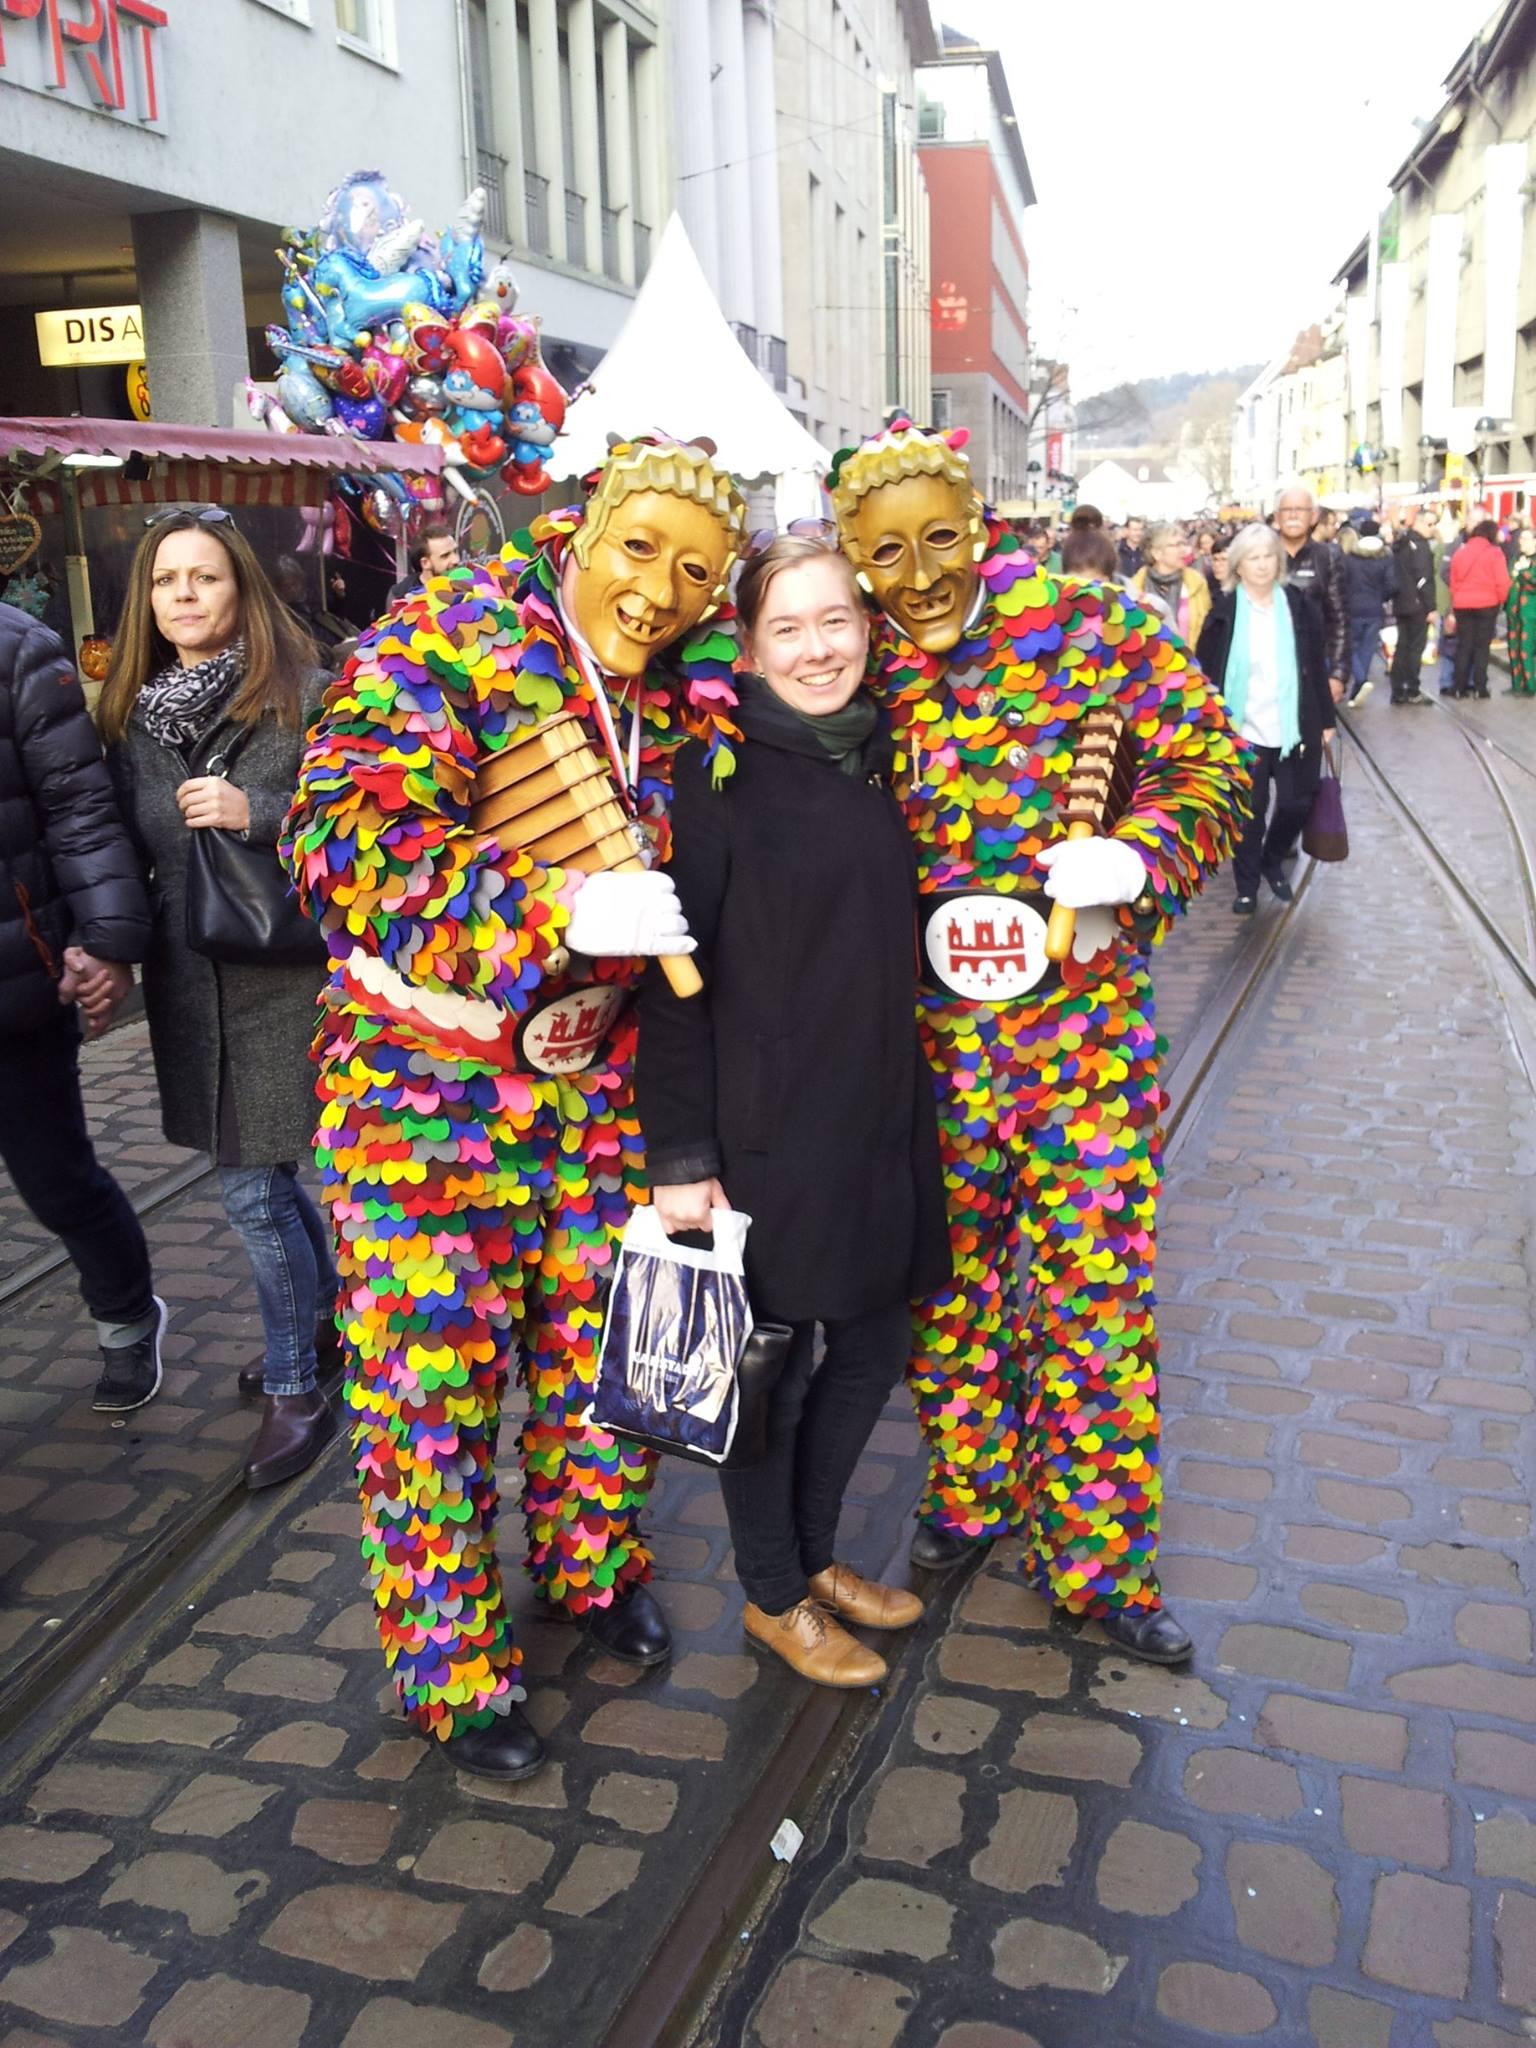 Fastnacht eli paikallinen karnevaali täyttää kadut iloisella musiikilla, kaikenkirjavilla kostyymeillä ja juhlahumusta nauttivalla karnevaalikansalla.